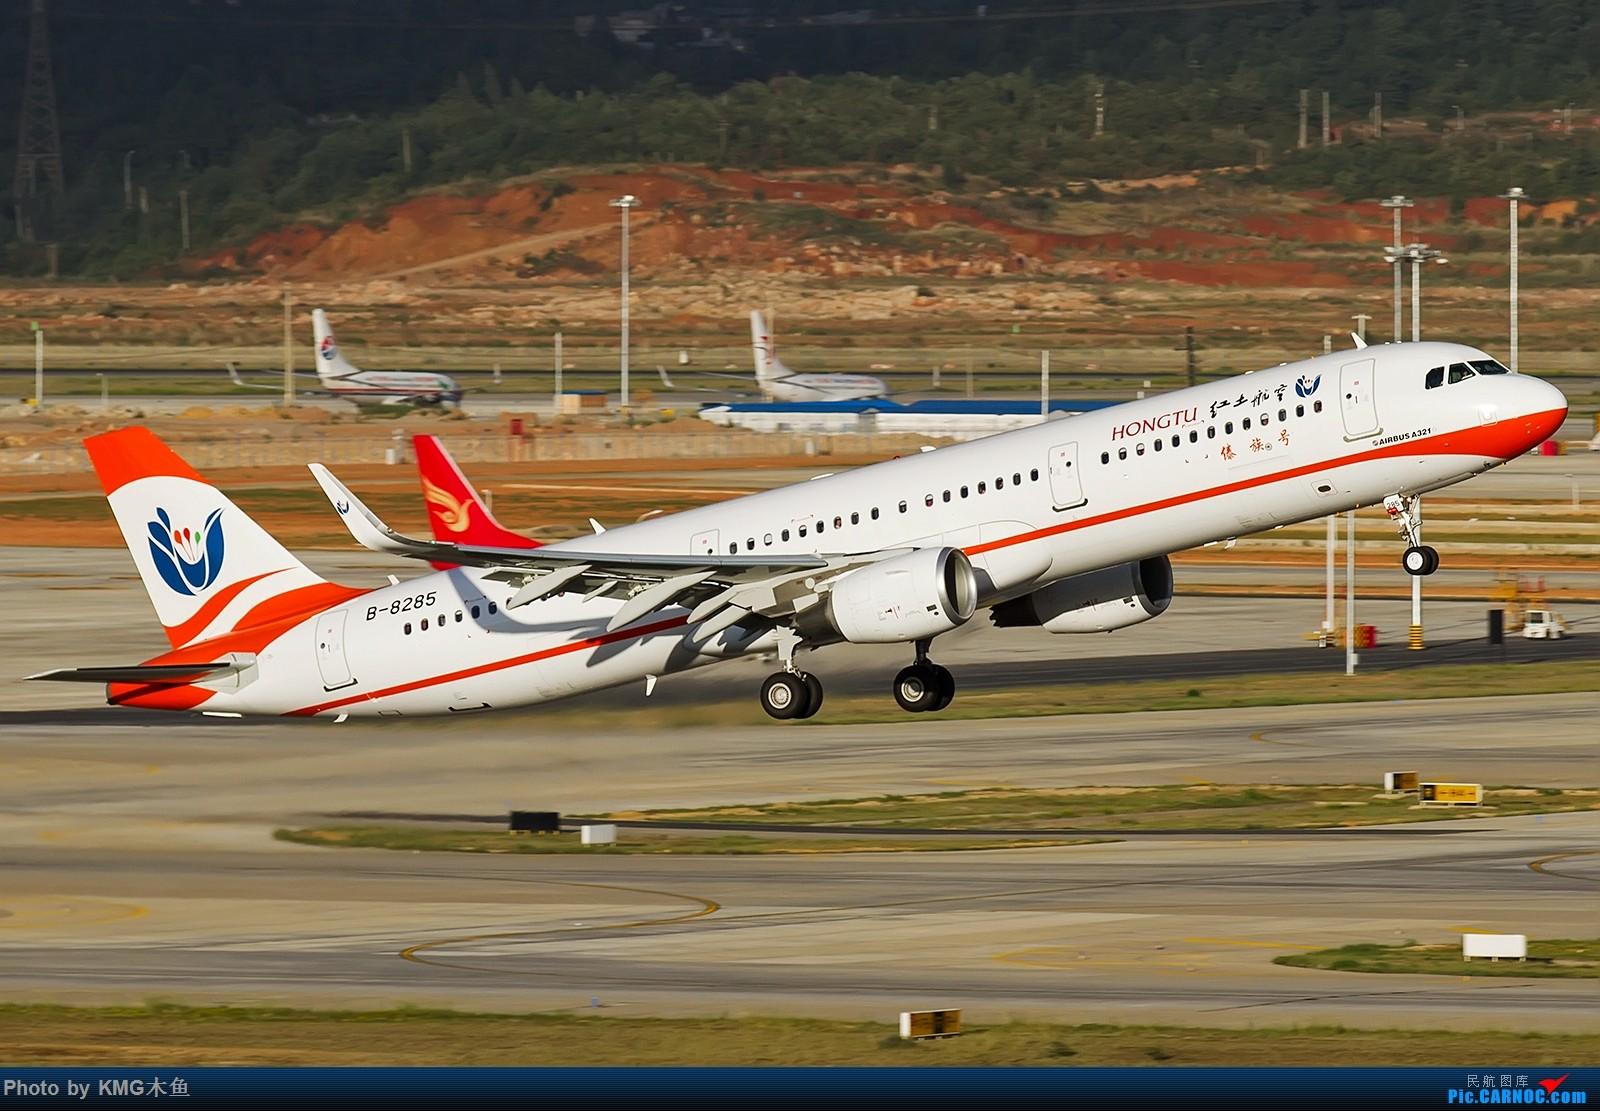 Re:【昆明�L水���H�C�觥�6.1�和��,喜迎云南�t土航空�_通昆明-�州航� AIRBUS A321-200 B-8285 中��昆明�L水���H�C��